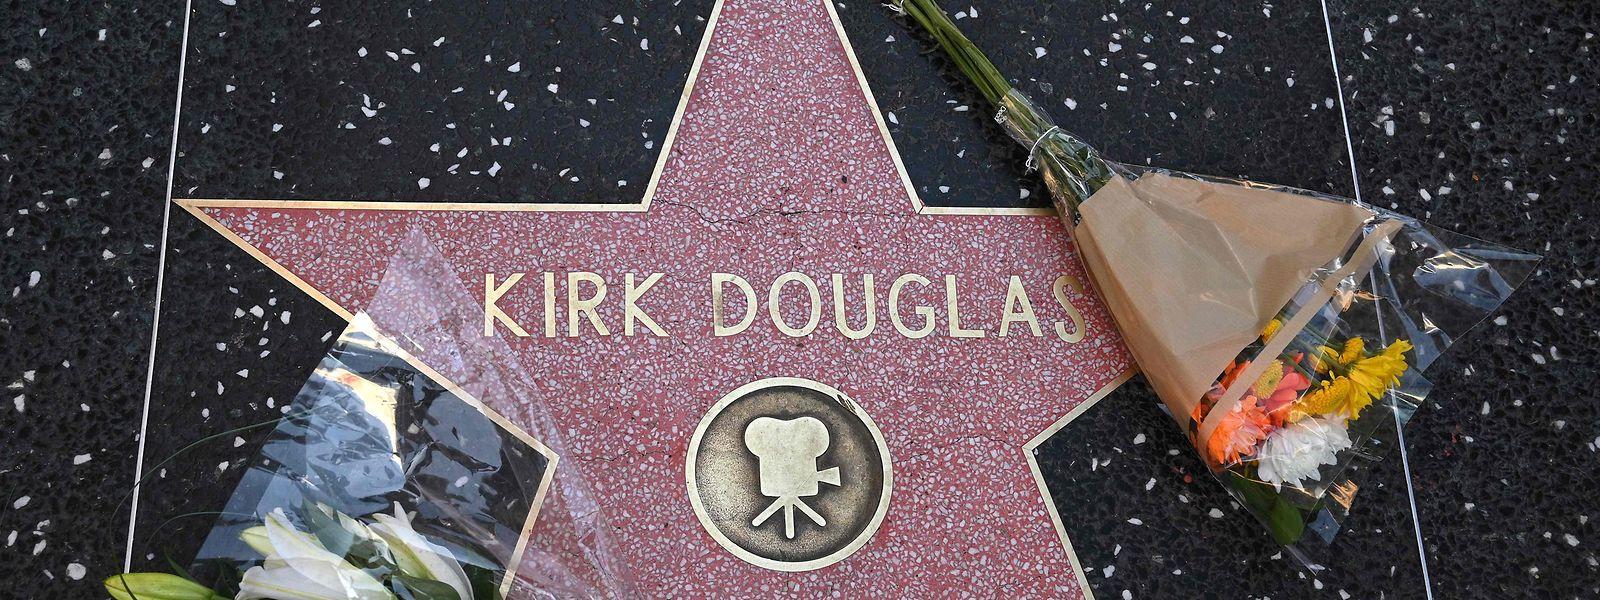 Les hommages ont commencé suite au décès de l'un des derniers monstres sacrés de Hollywood